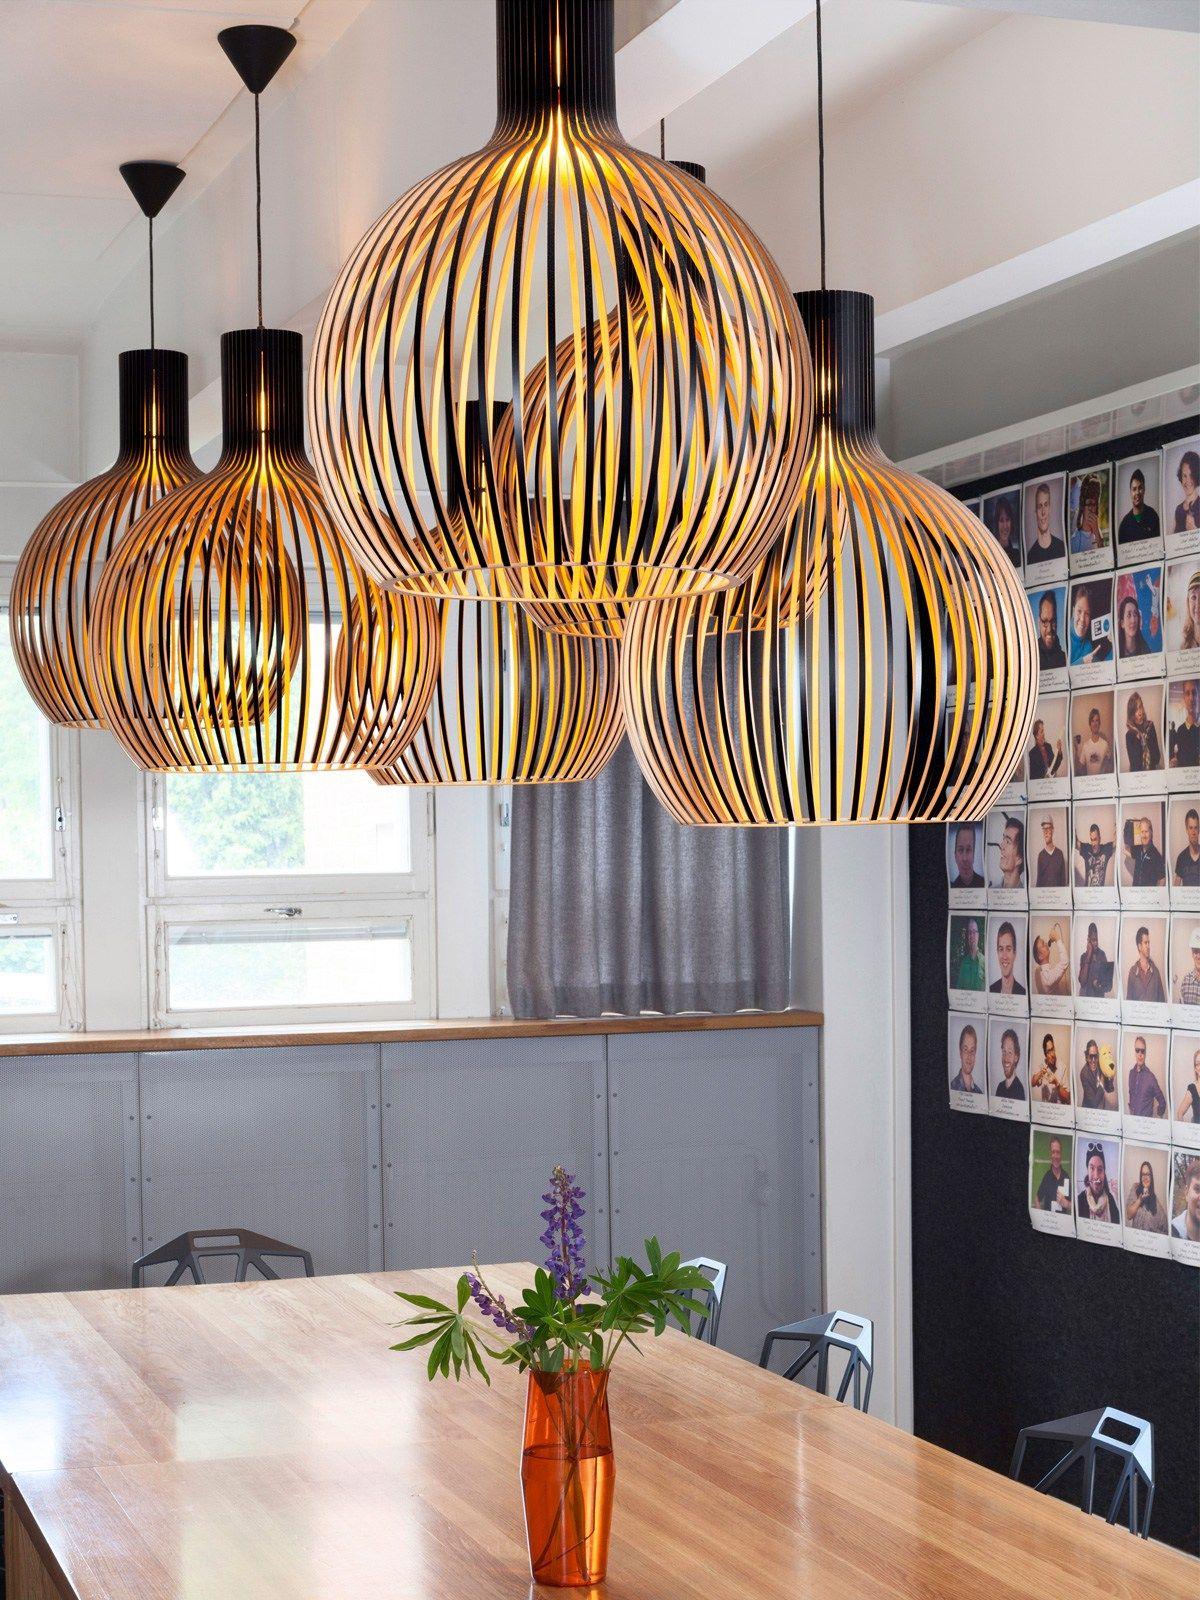 Beleuchtung Fur Das Home Office Design Lampen Beleuchtung Und Lampen